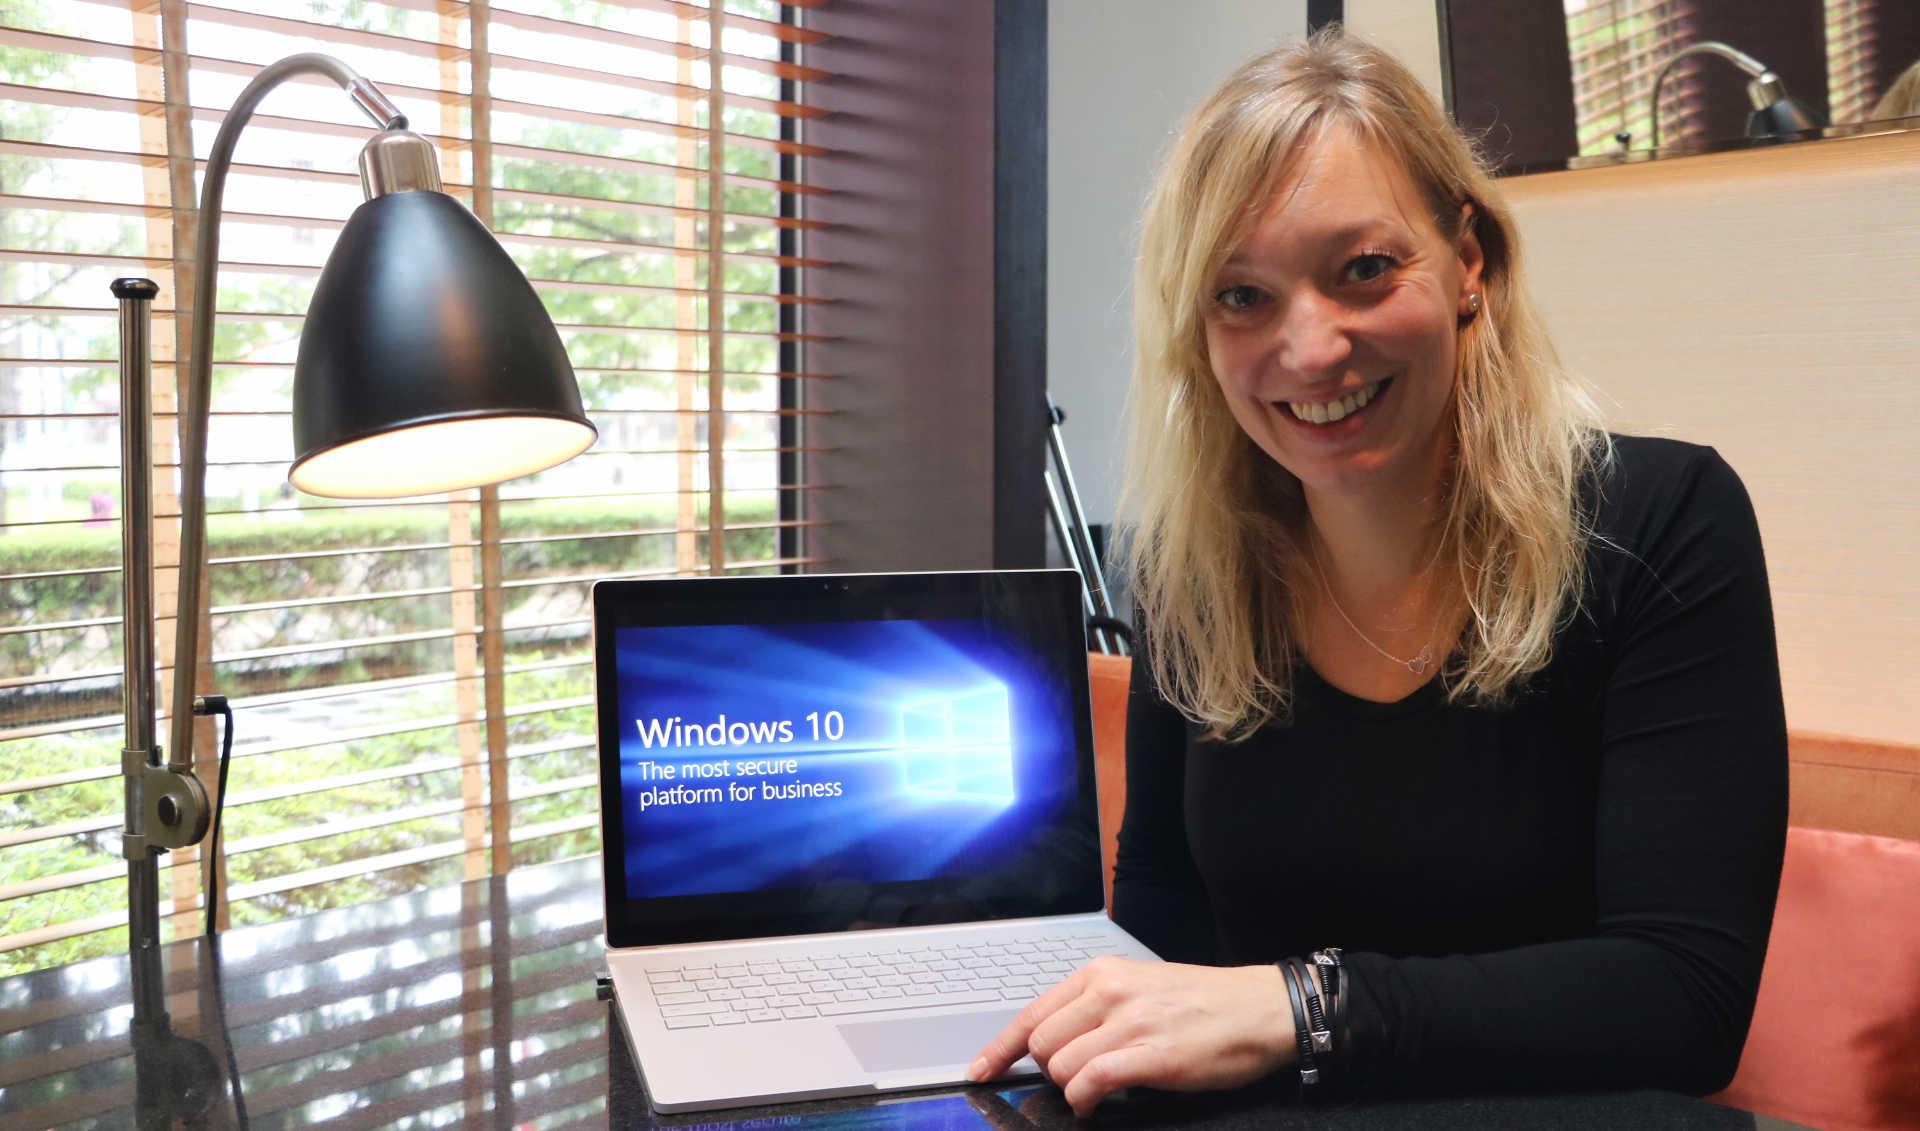 專訪Windows企業端產品經理 Heike Ritter,談WDATP、WDAG以及Windows 10的其他安全功能